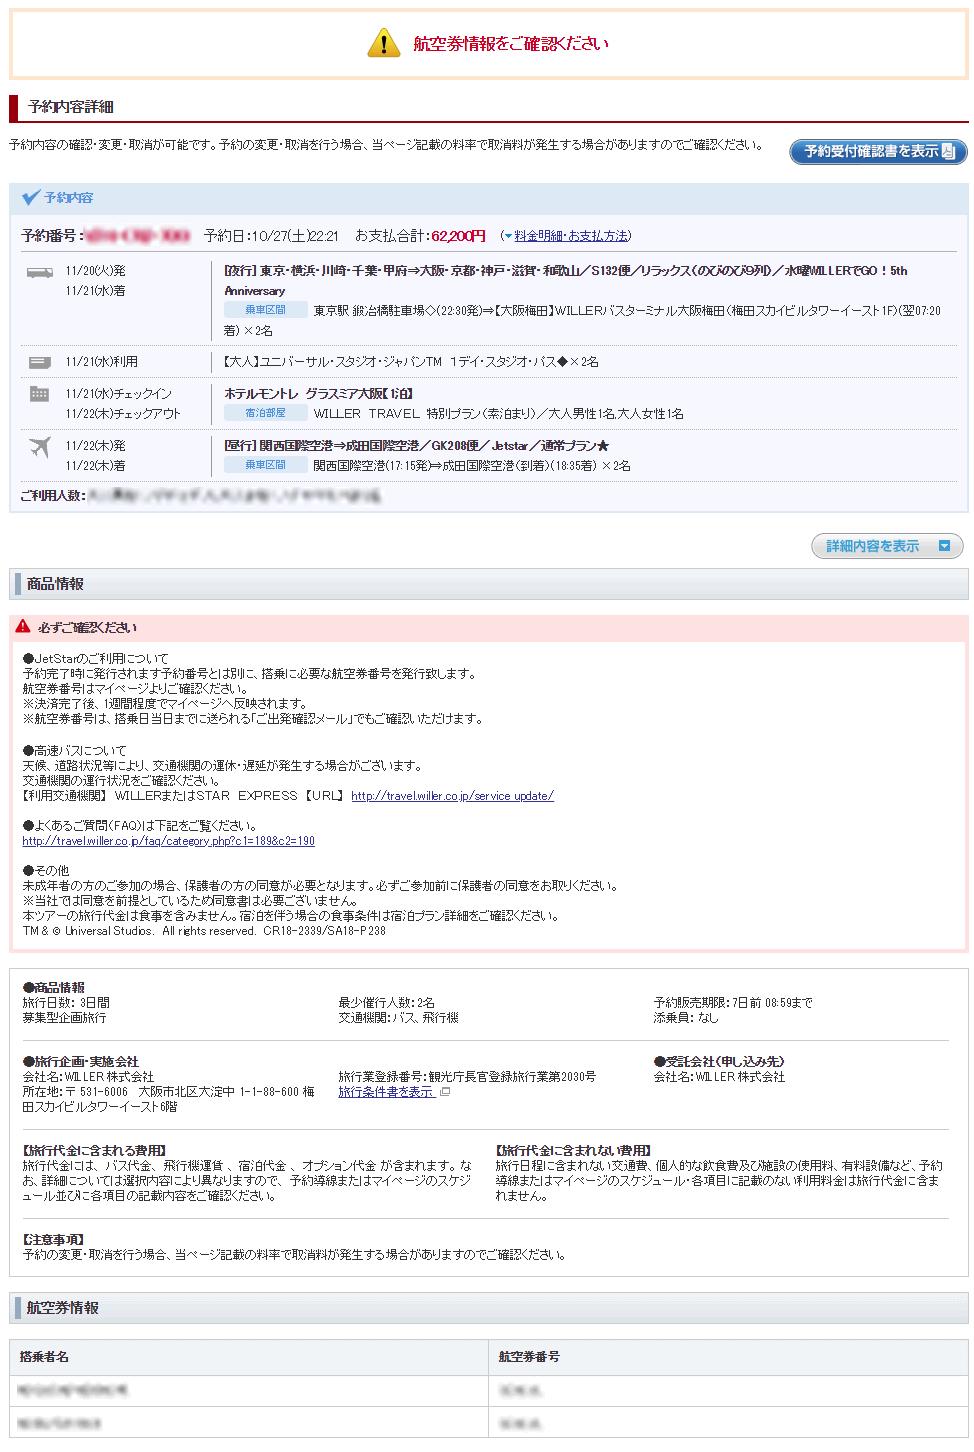 航空 券 キャンセル 料